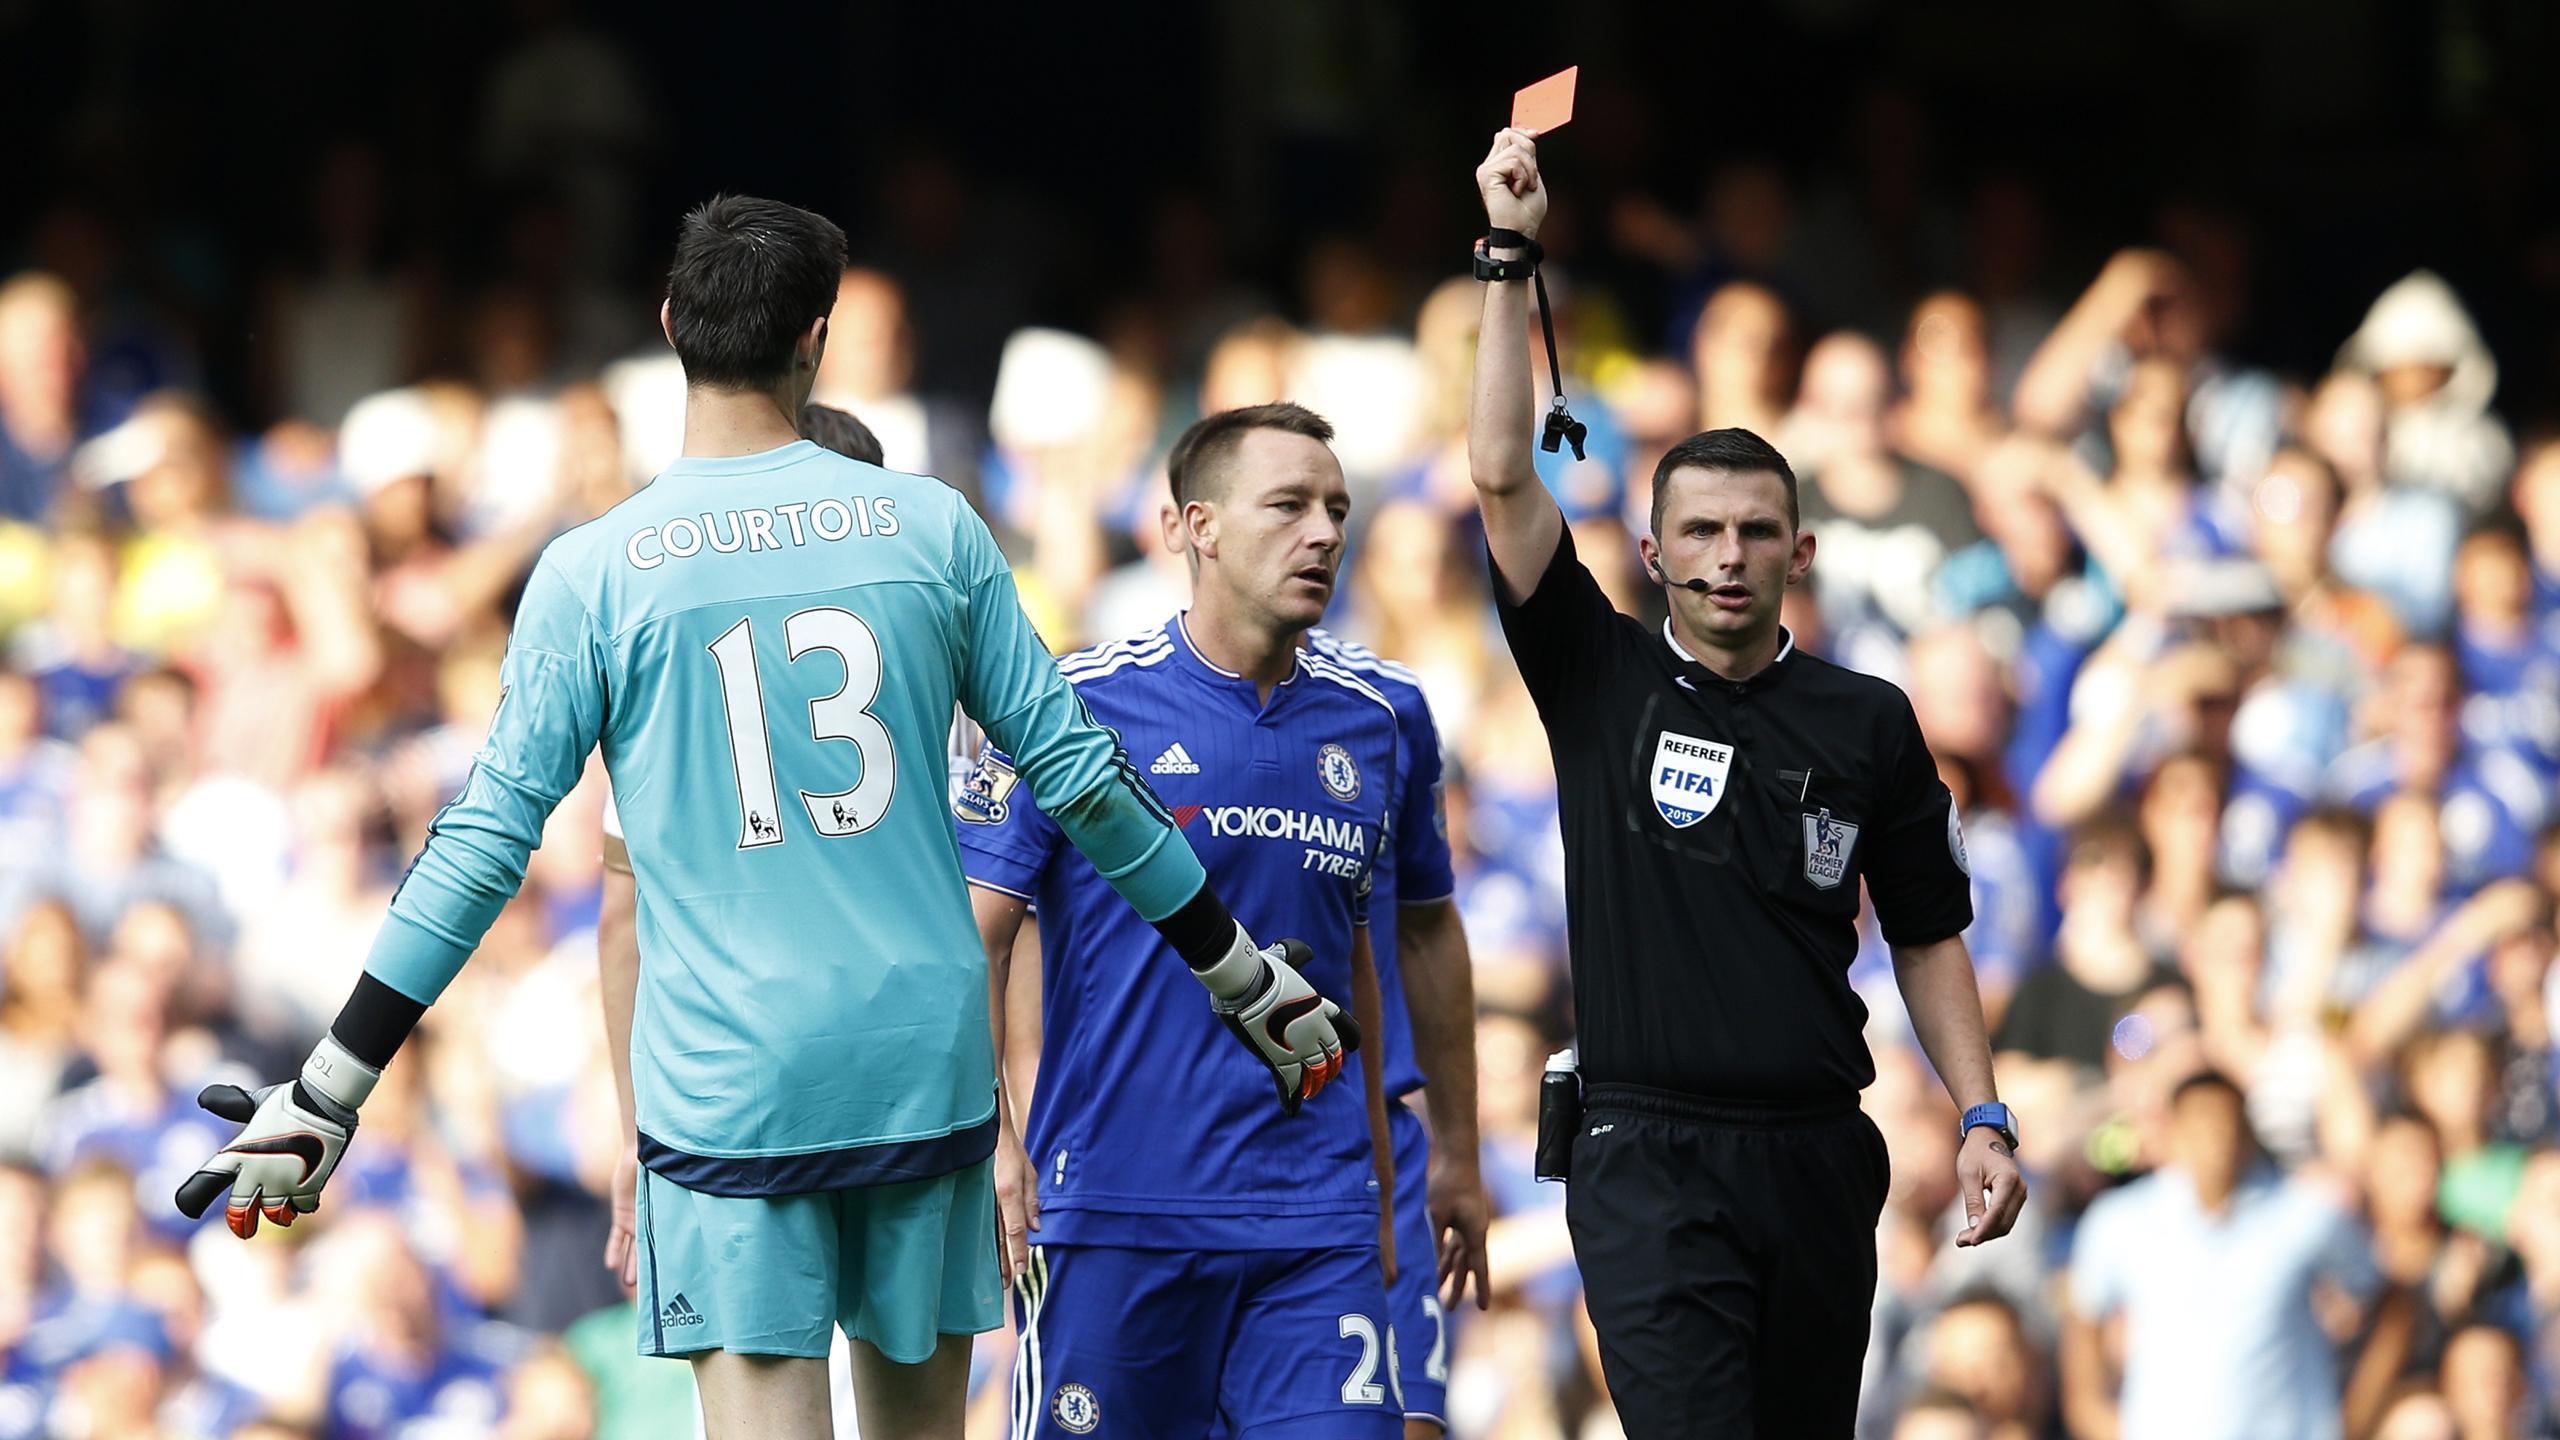 Thibaut Courtois (Chelsea) exclu pour l'ouverture de la Premier League 2015/2016